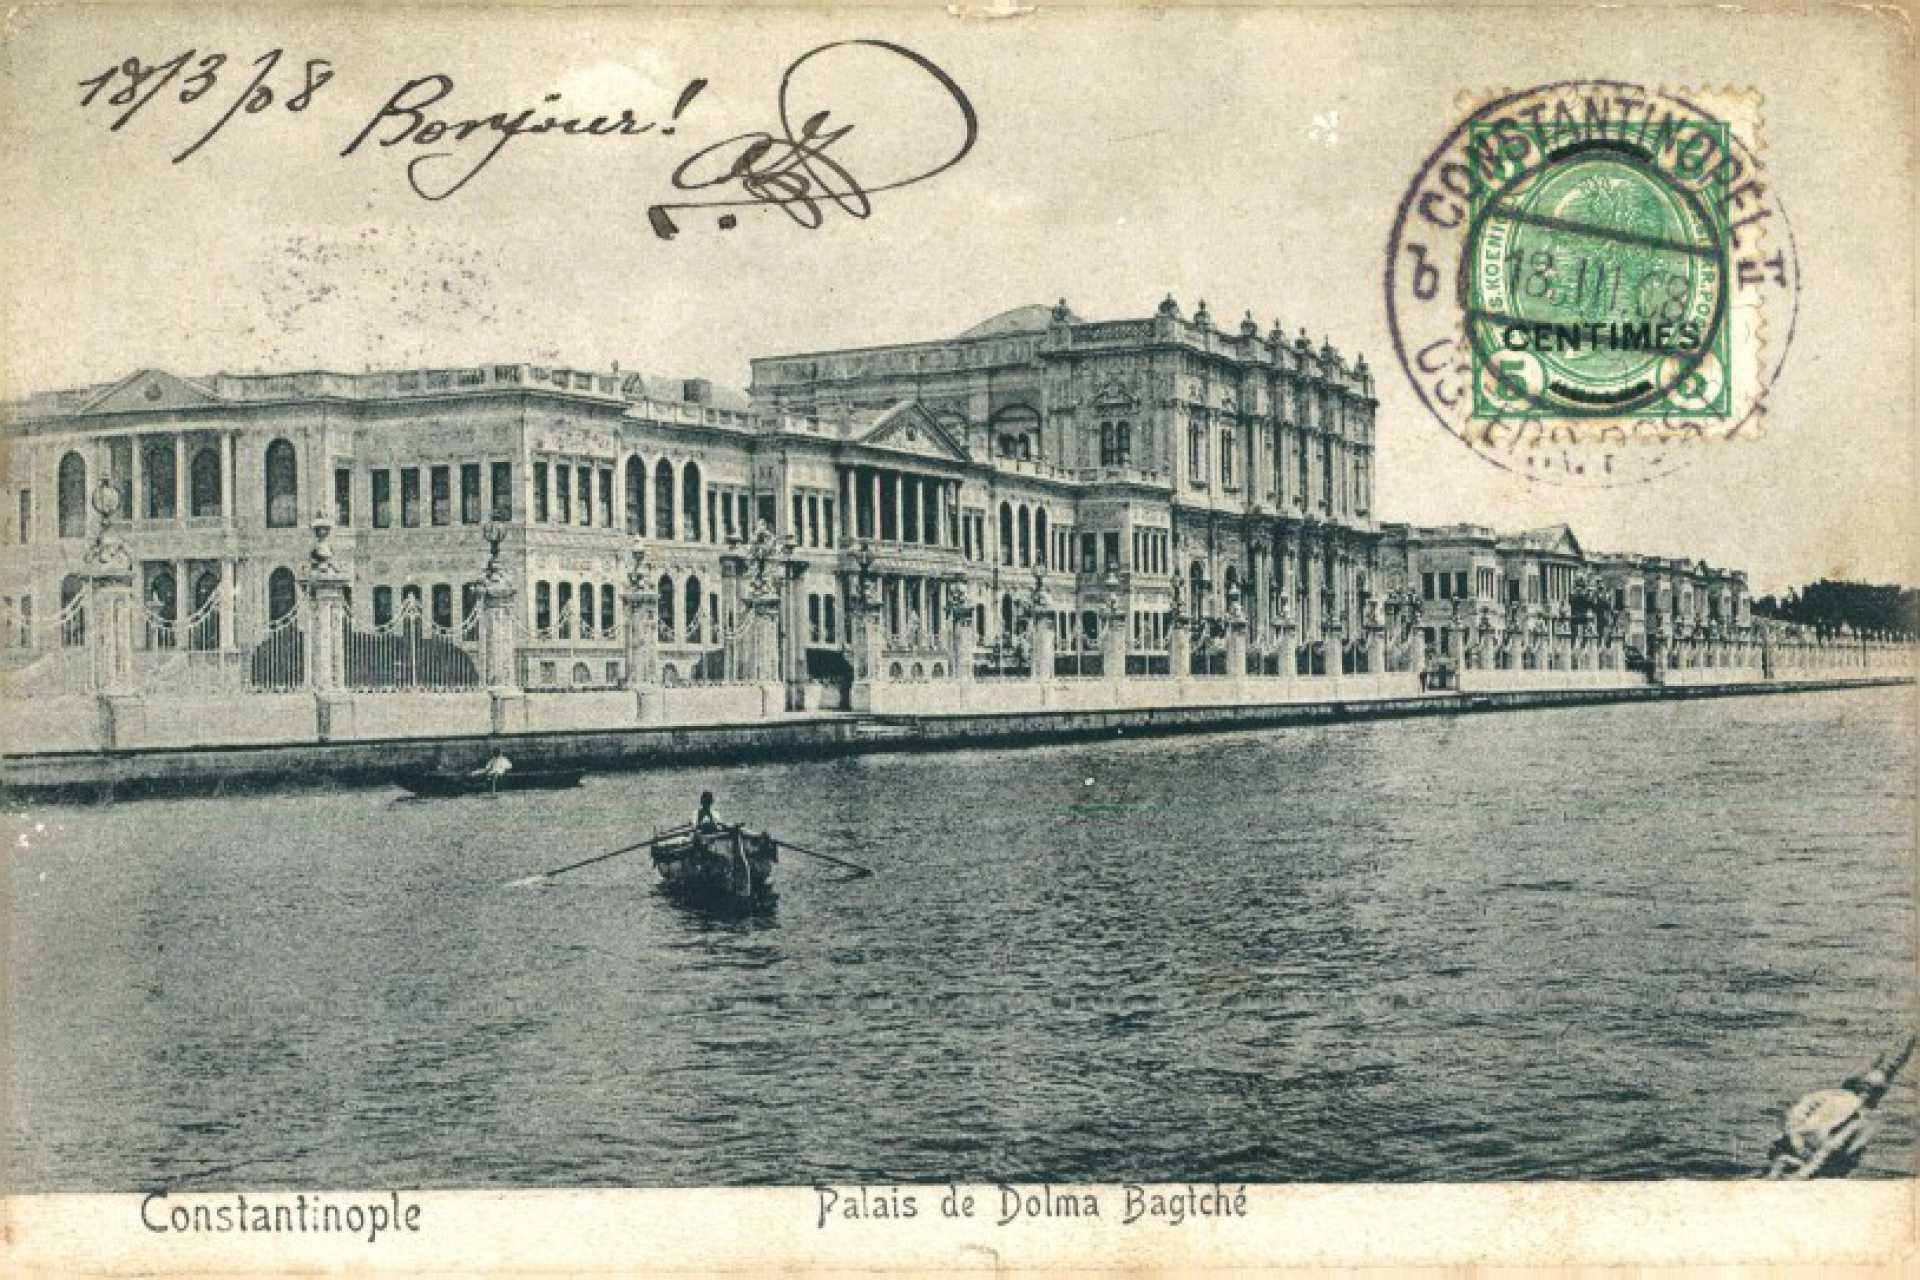 Palais de Dolma Bagtche